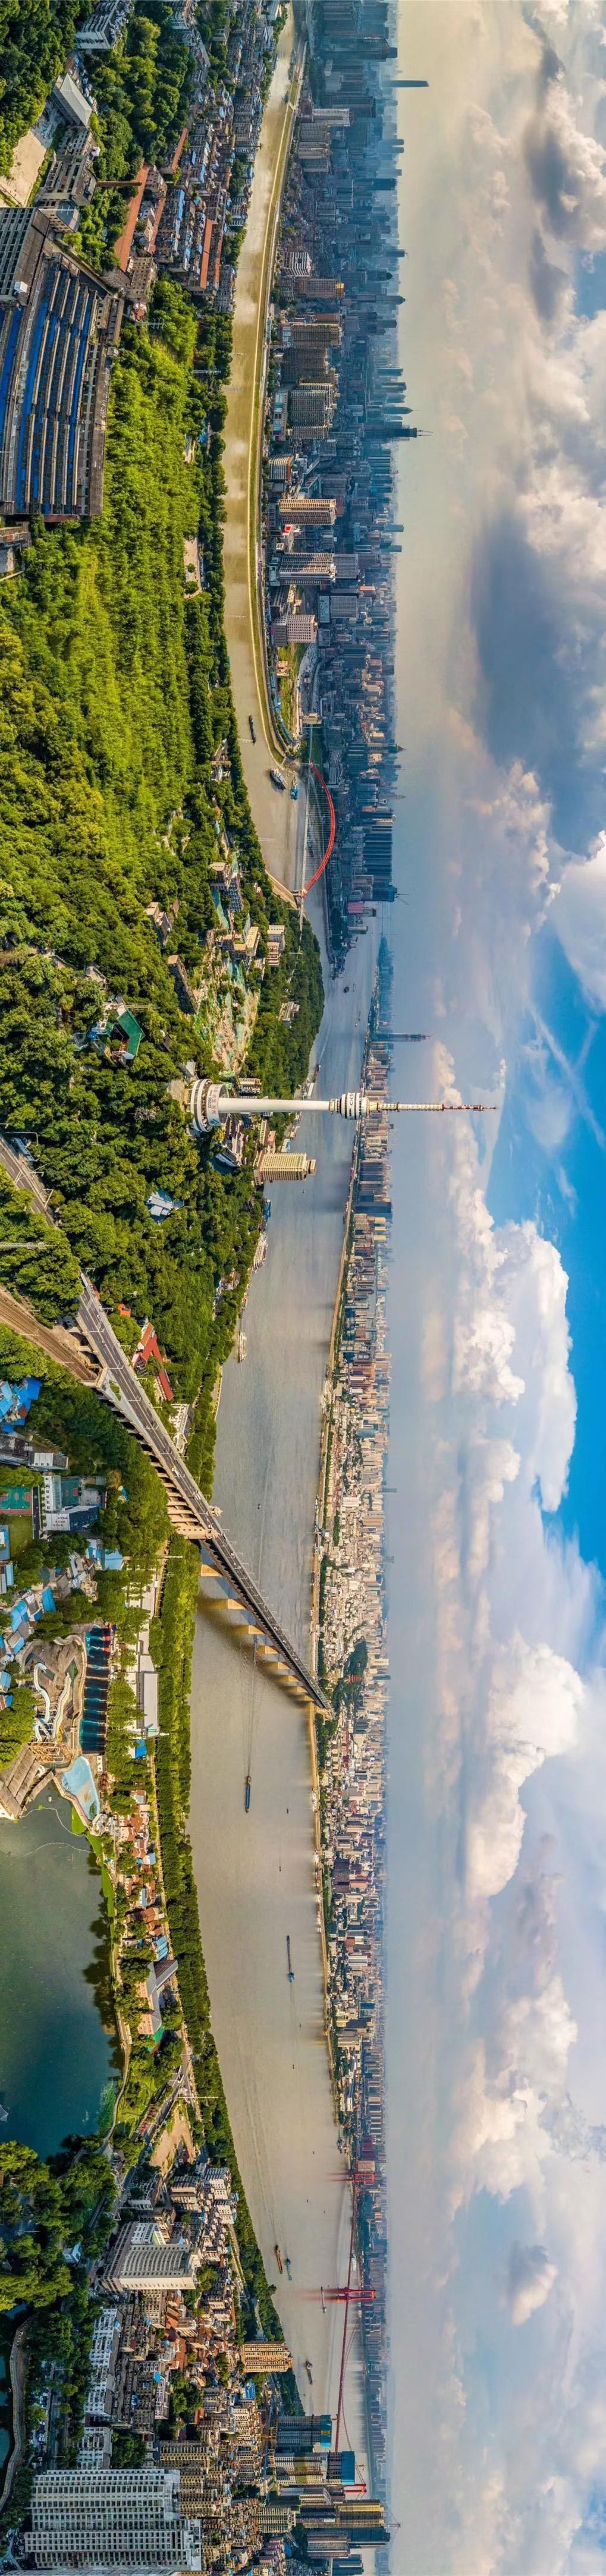 中国二线城市的半导体战争:武汉有新芯,合肥有个京东方